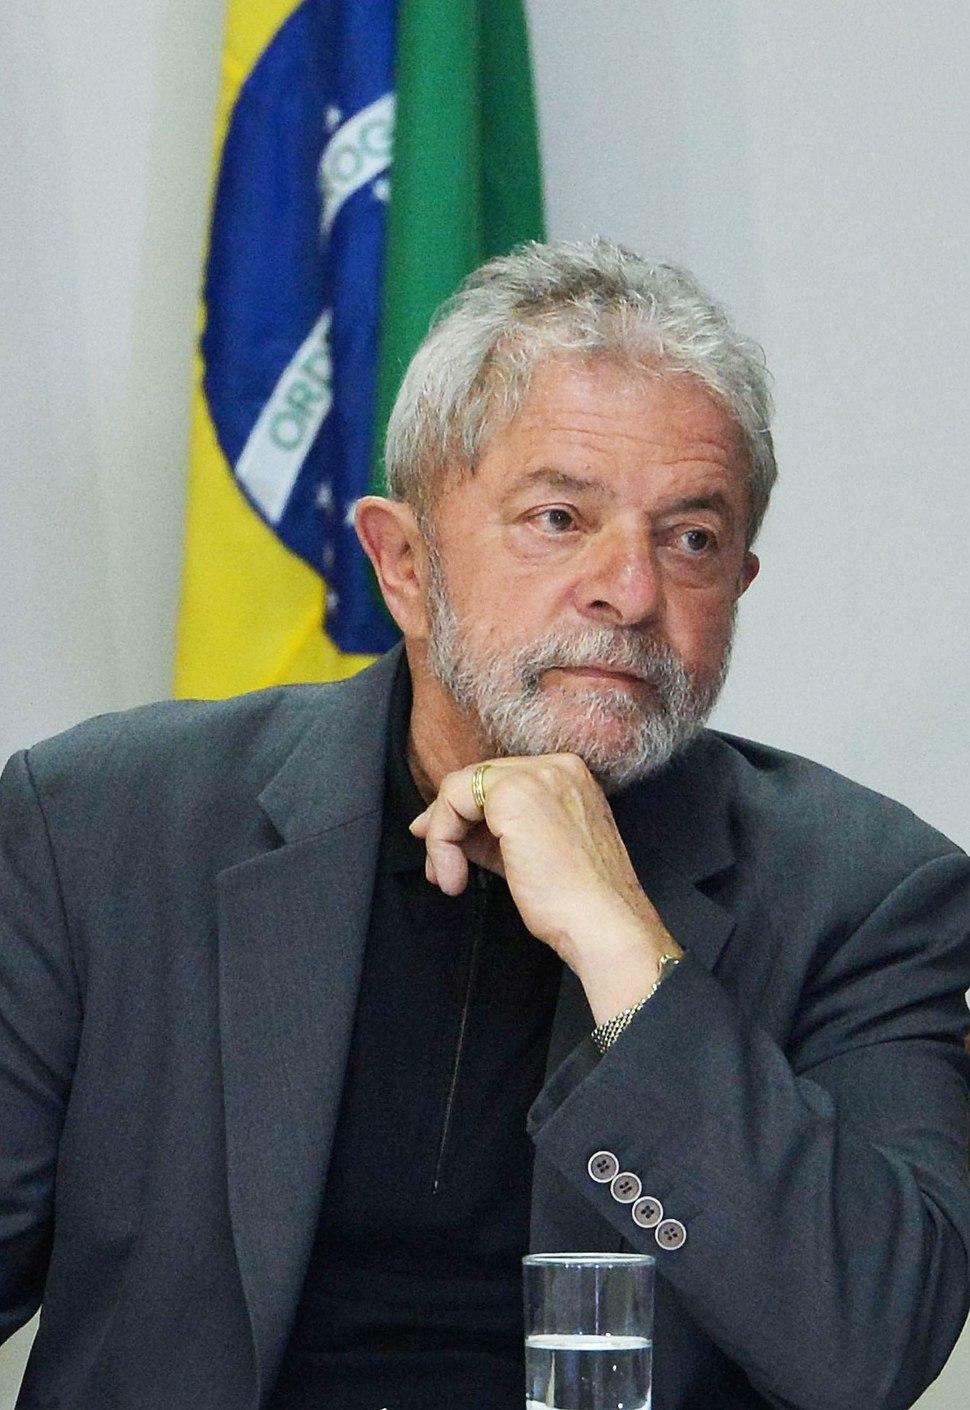 Lula bancada PT Senado Câmara-2015 06 29 (cropped)